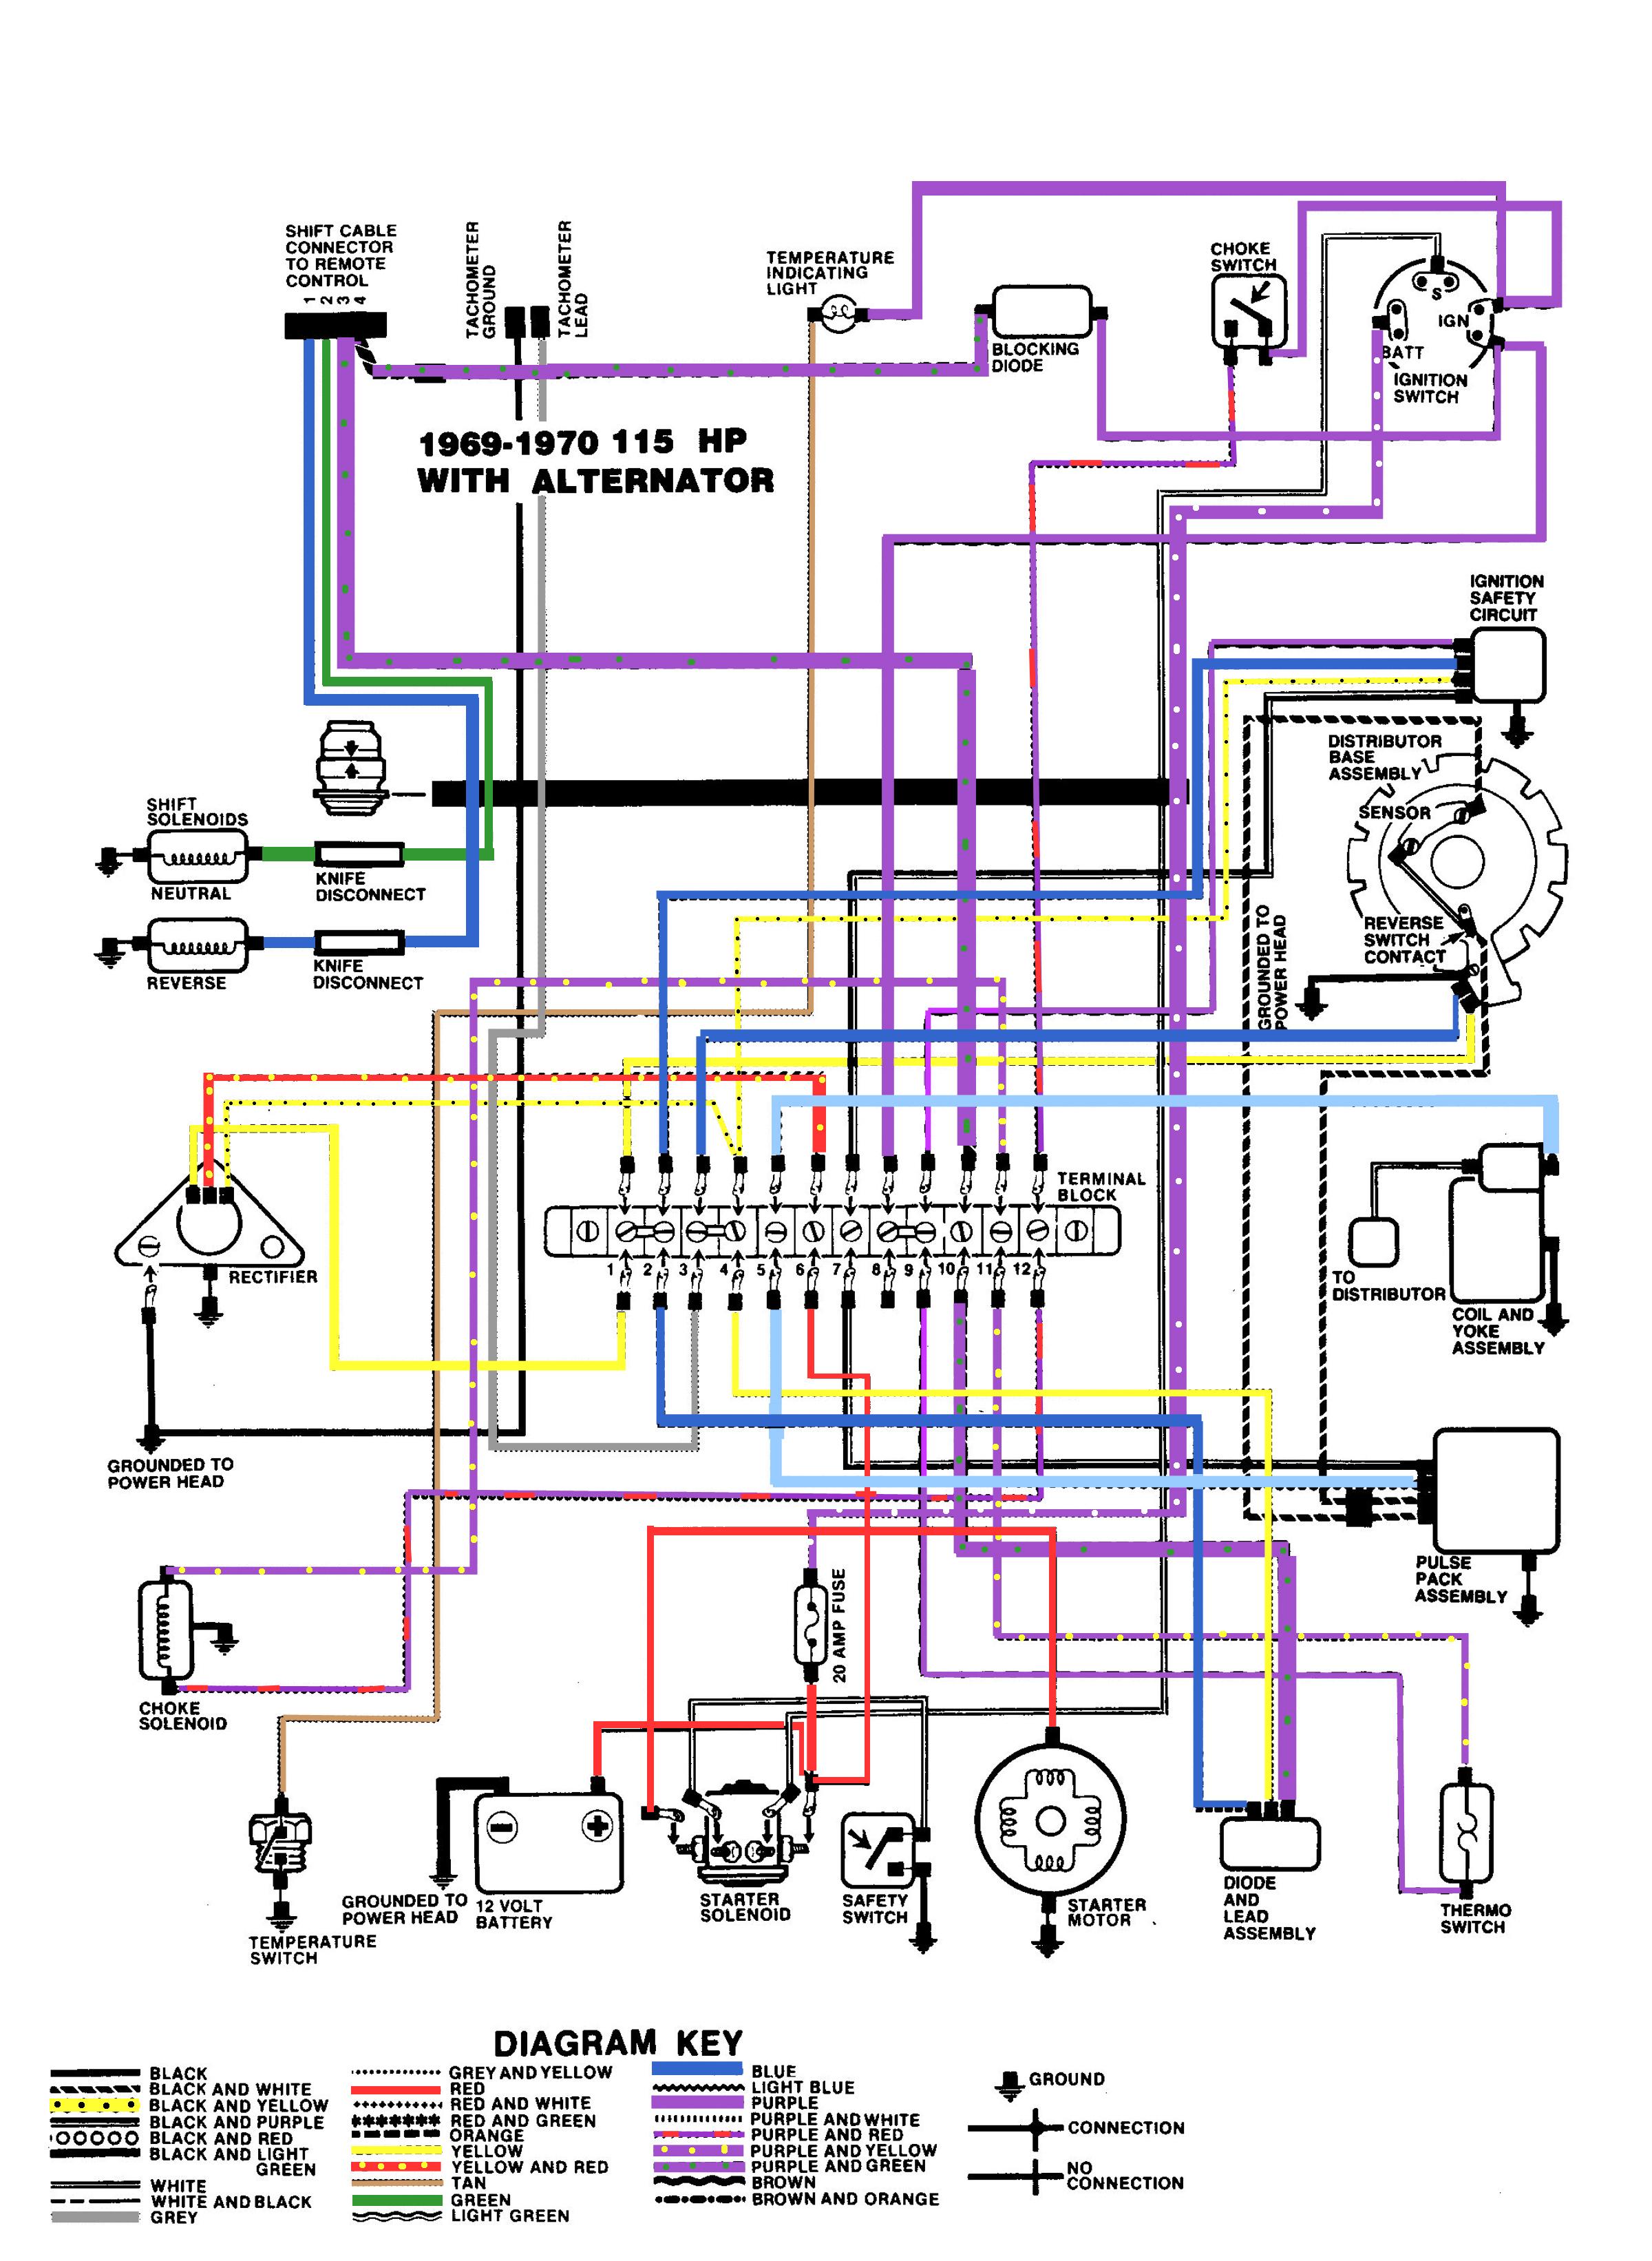 Mercury Outboard 115 Hp Diagrams - Wiring Diagrams Hubs - Mercury Outboard Ignition Switch Wiring Diagram